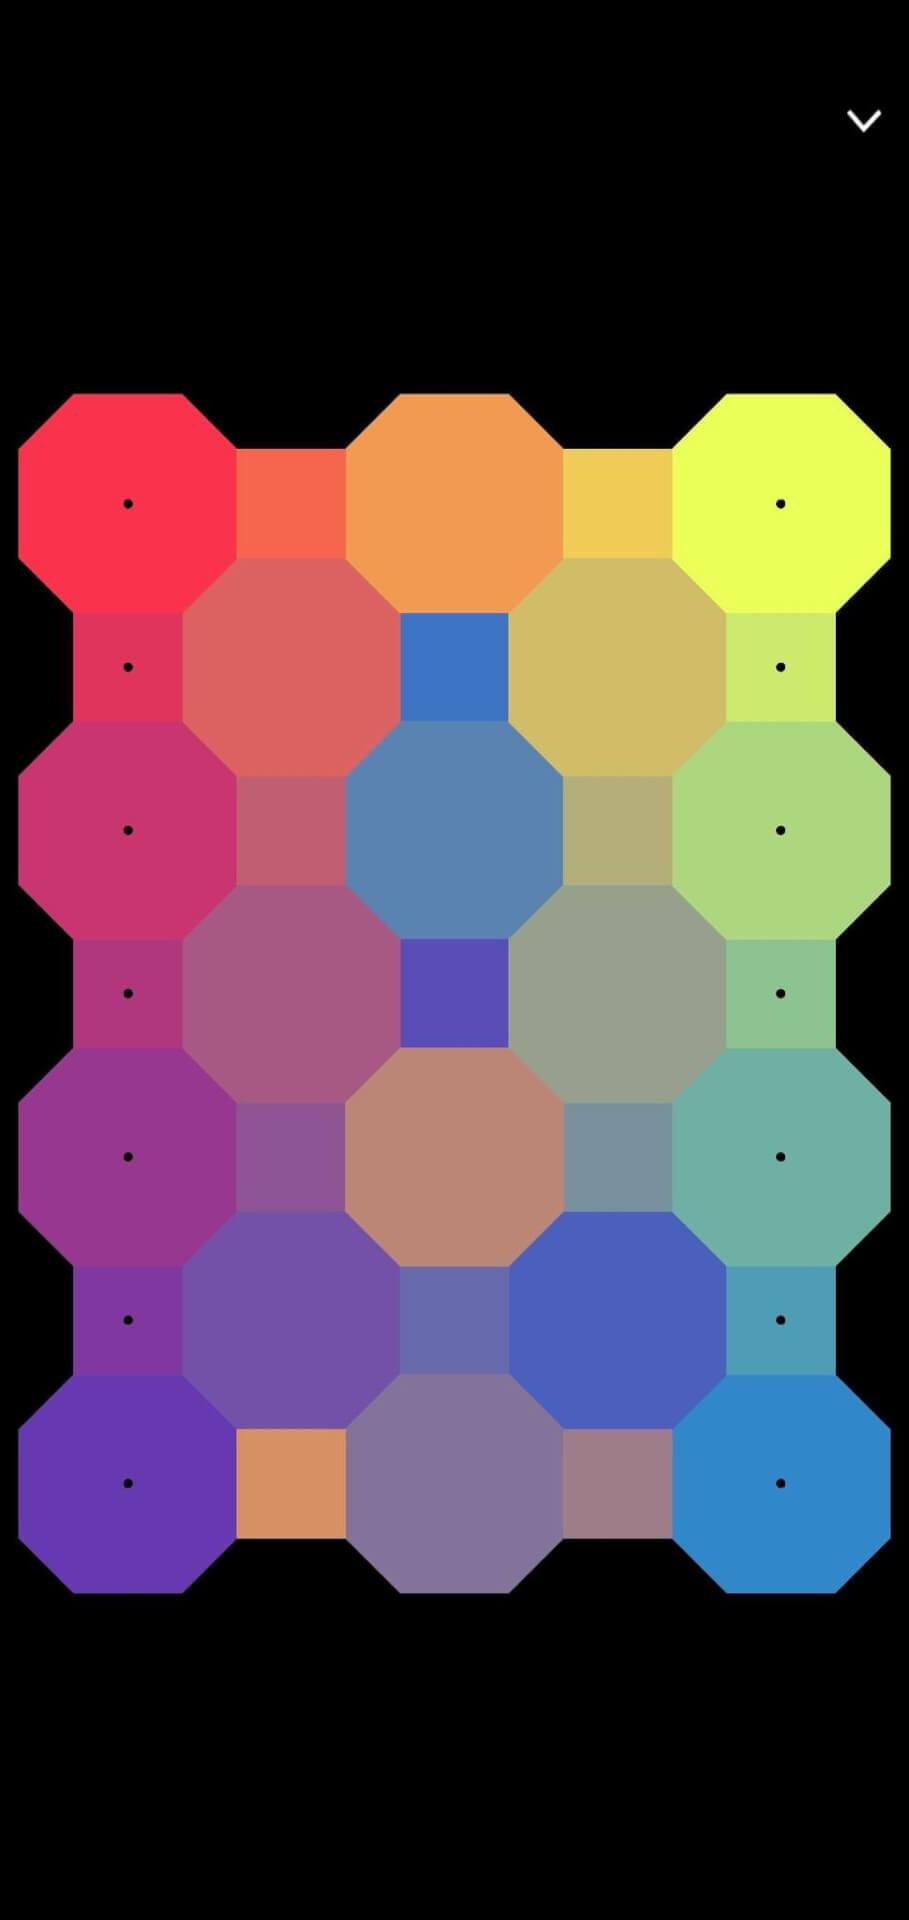 Ekran gry dla grafików - układnie kolorów